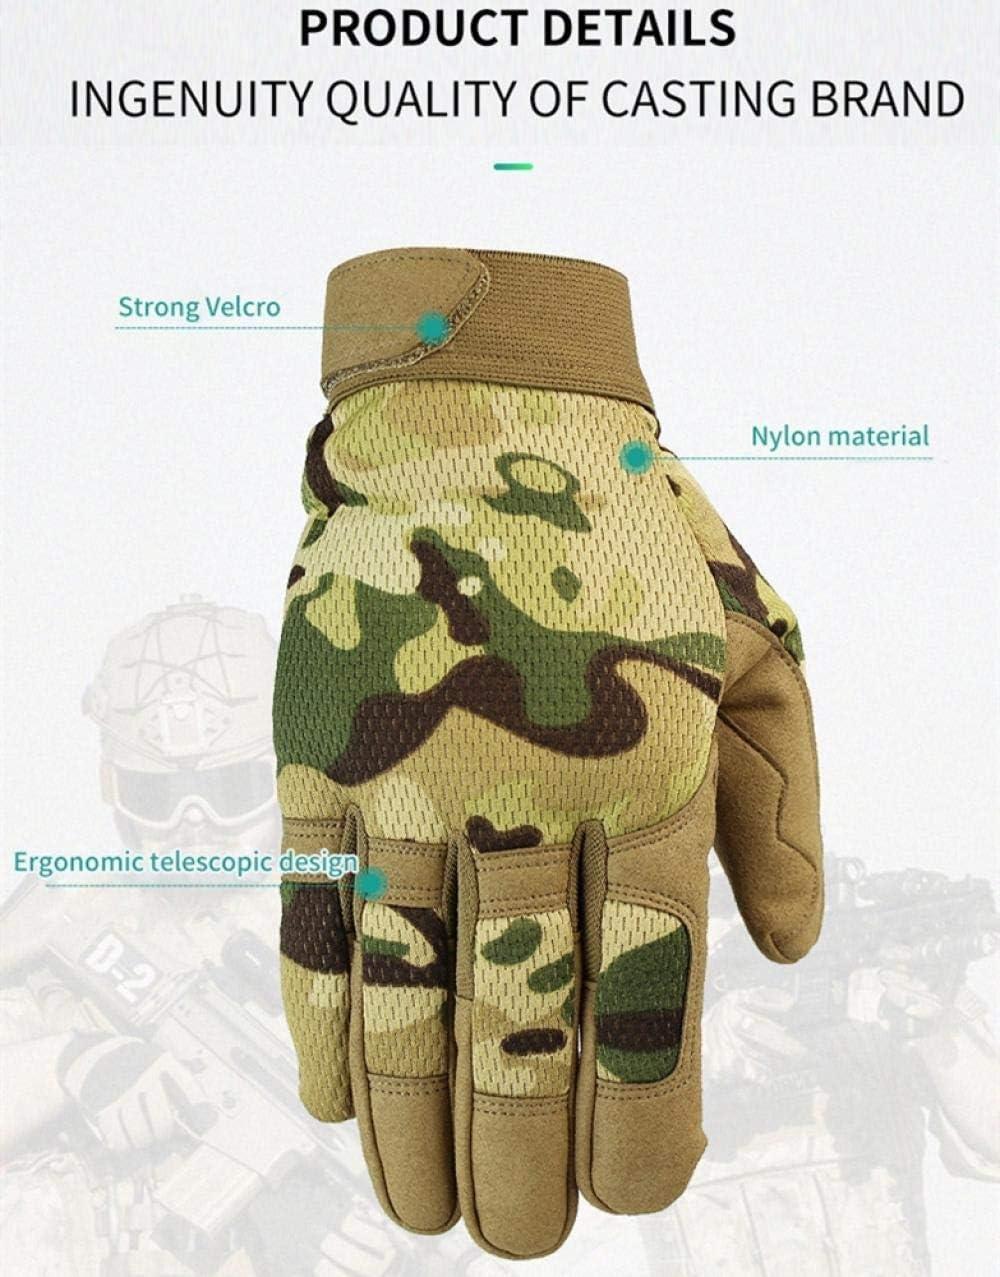 ANBF Guanti Tattici per Esterni in Nylon Uomo Camouflage Indossare Guanti per Resistenze per Ciclismo Sportivo Militare Guanti da Dito Color : ArmyGreen, Size : Small